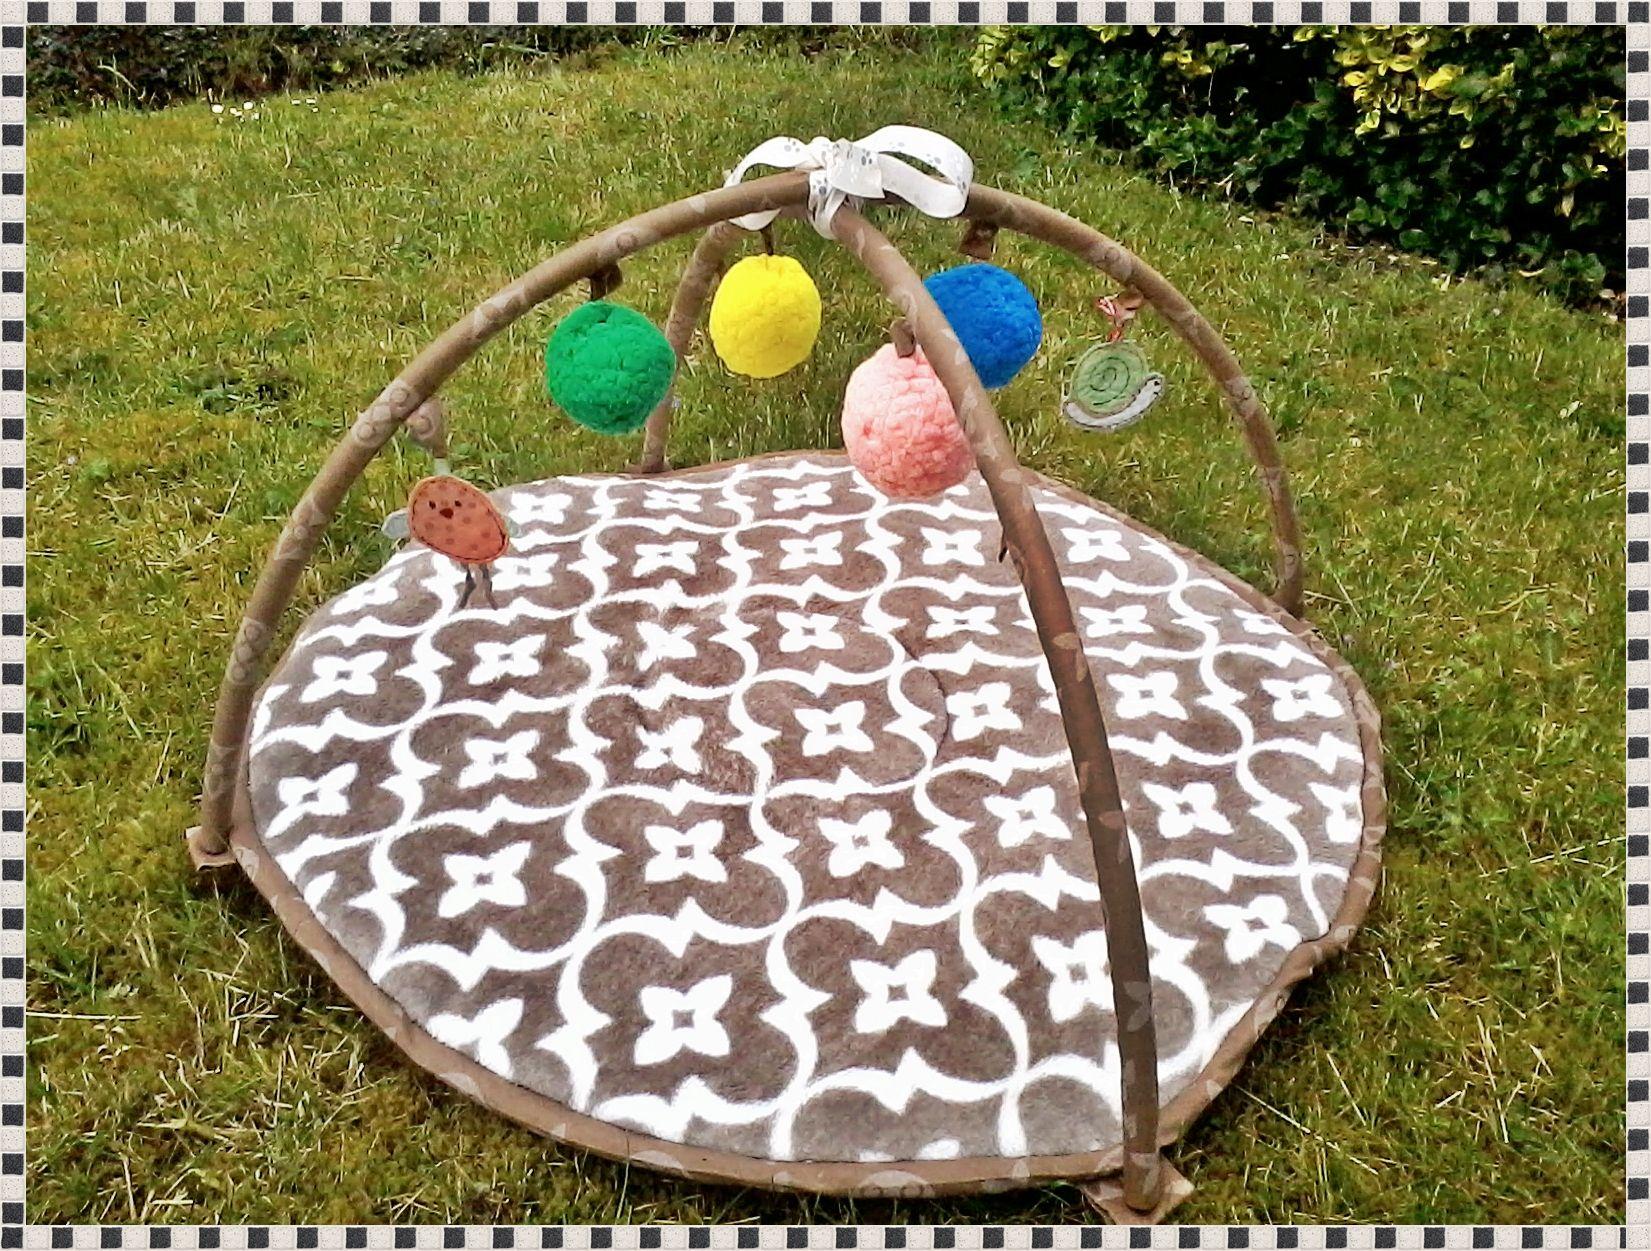 Baby sleeping mat ocean world baby play mat buy baby sleeping mat - Diy Baby Play Mat